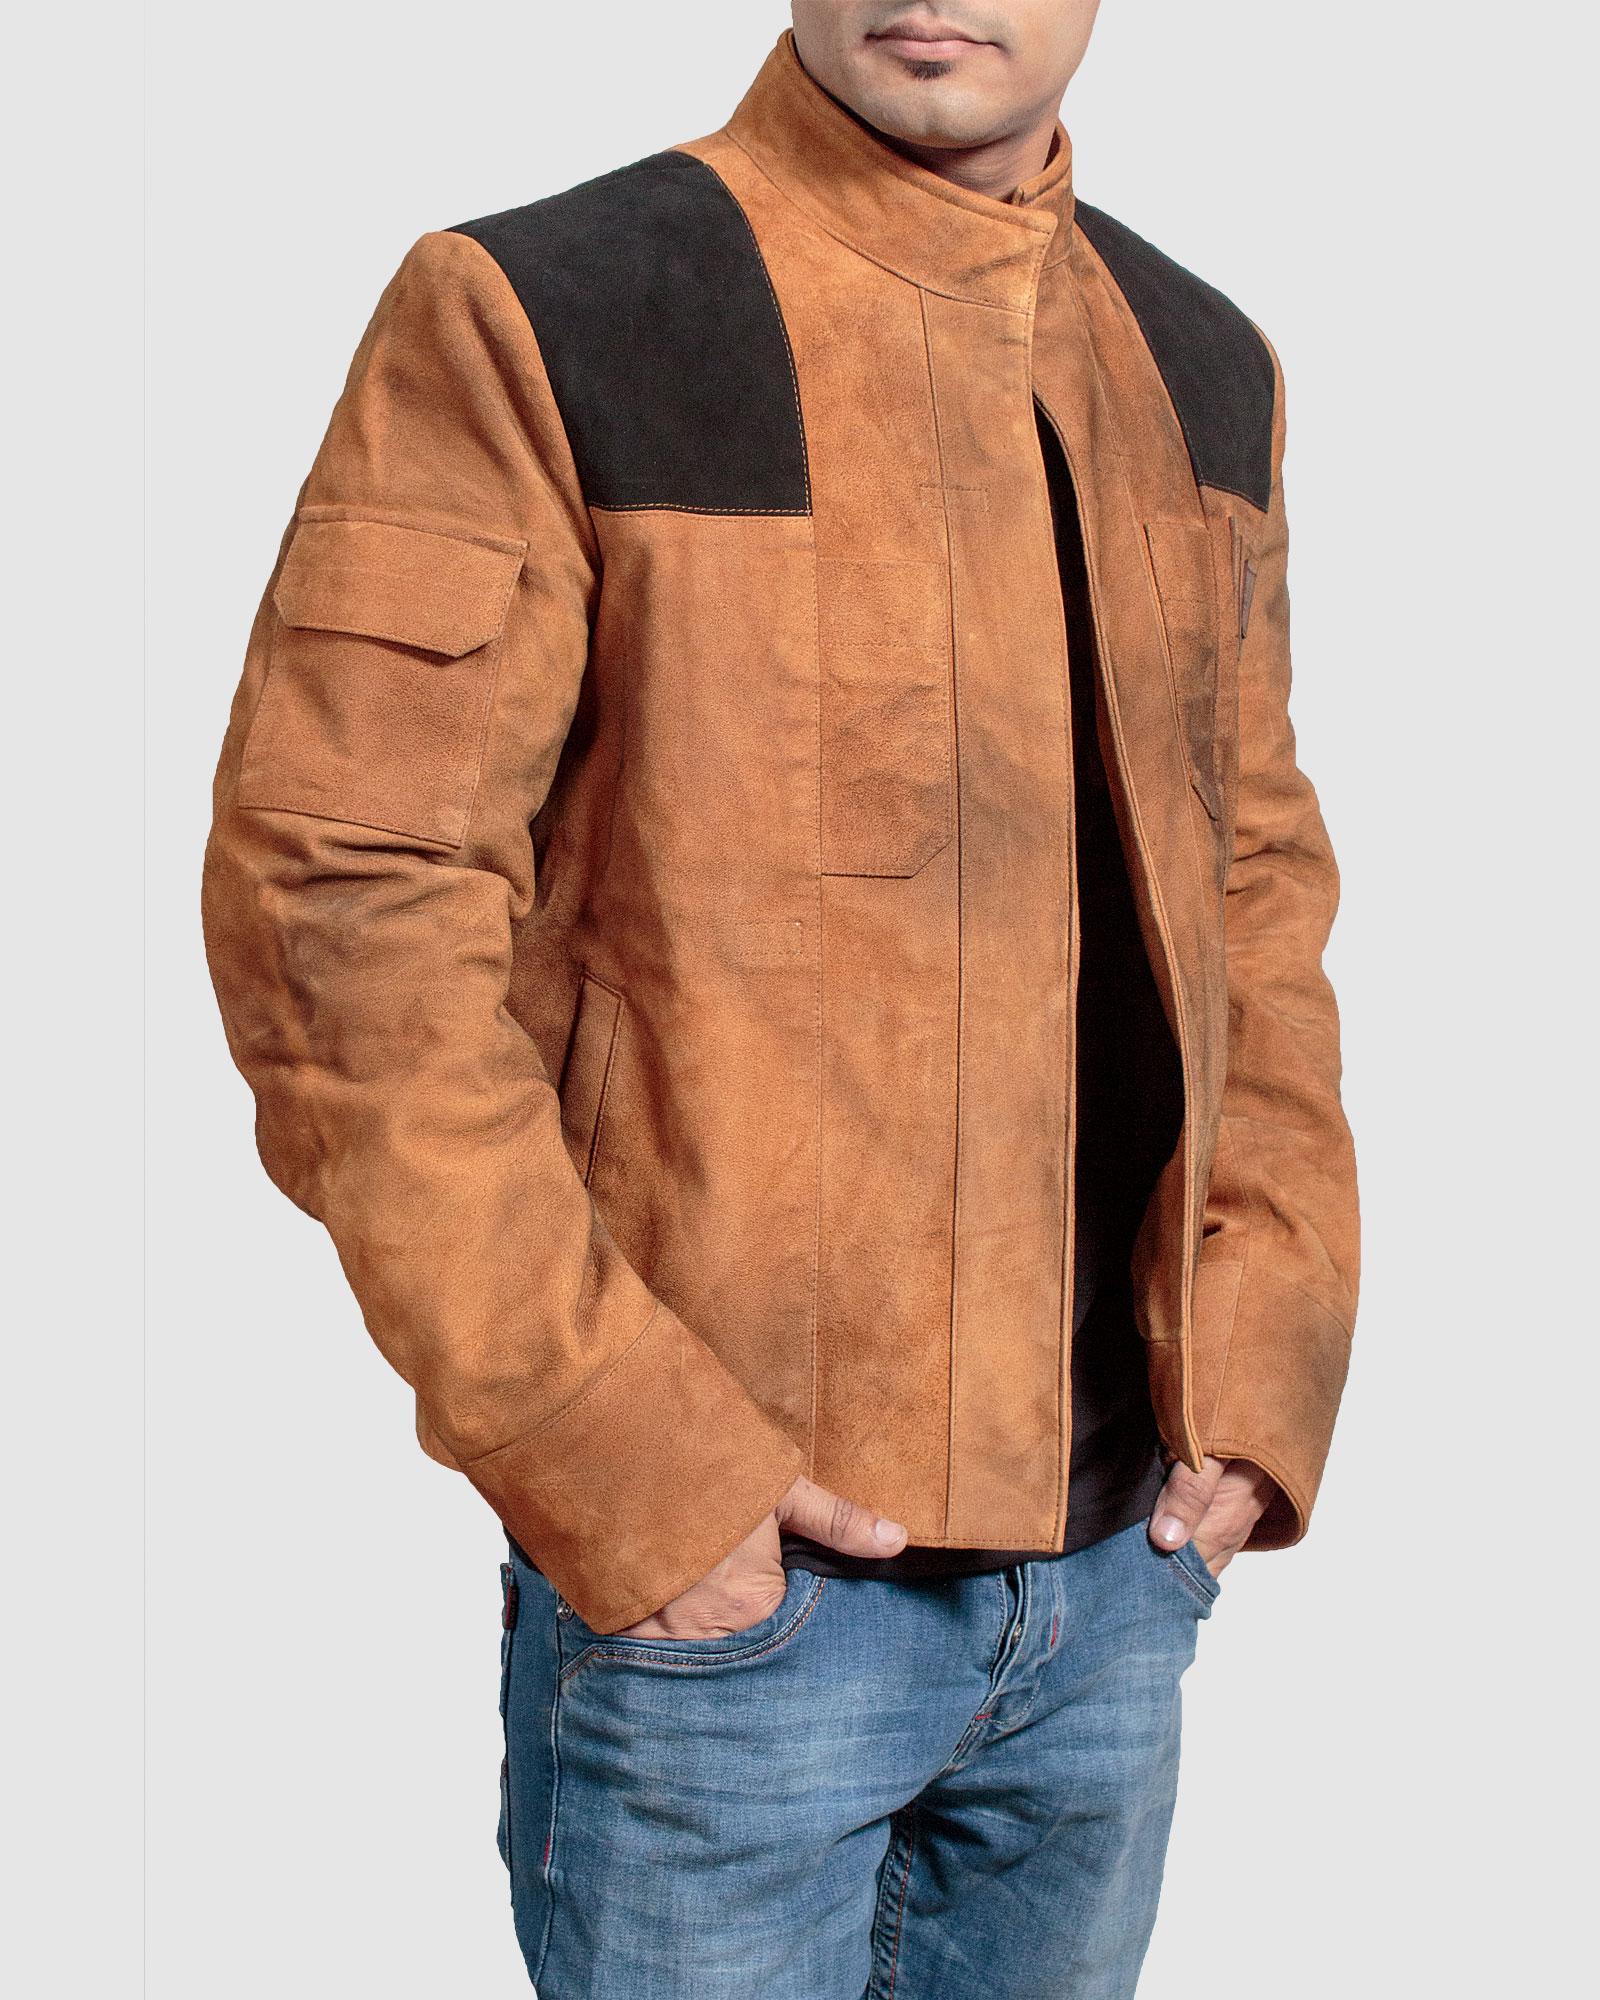 alden-ehrenreich-han-solo-jacket-b